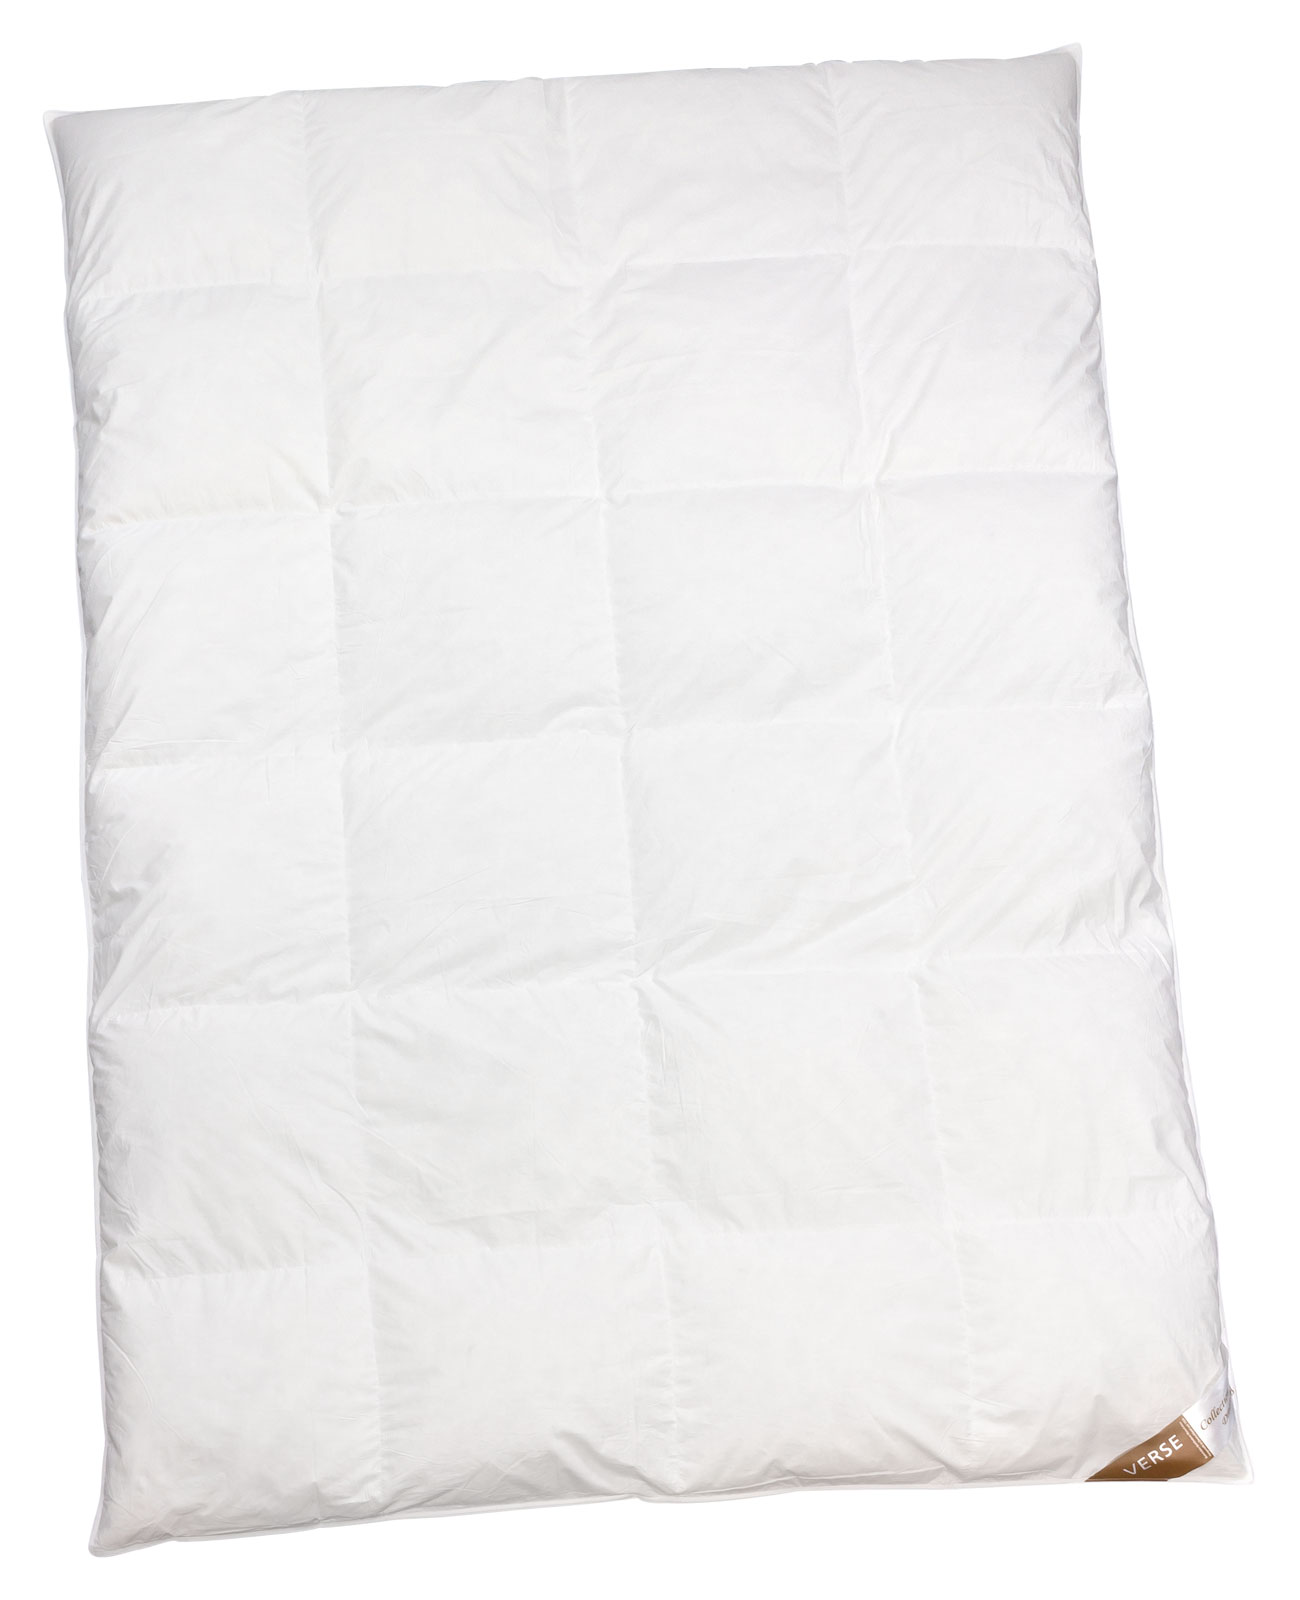 Bettdecken und Kopfkissen - Ganzjahresdecke warm Daunen Bettdecke 135x200 Verse Collection Dreaming  - Onlineshop PremiumShop321